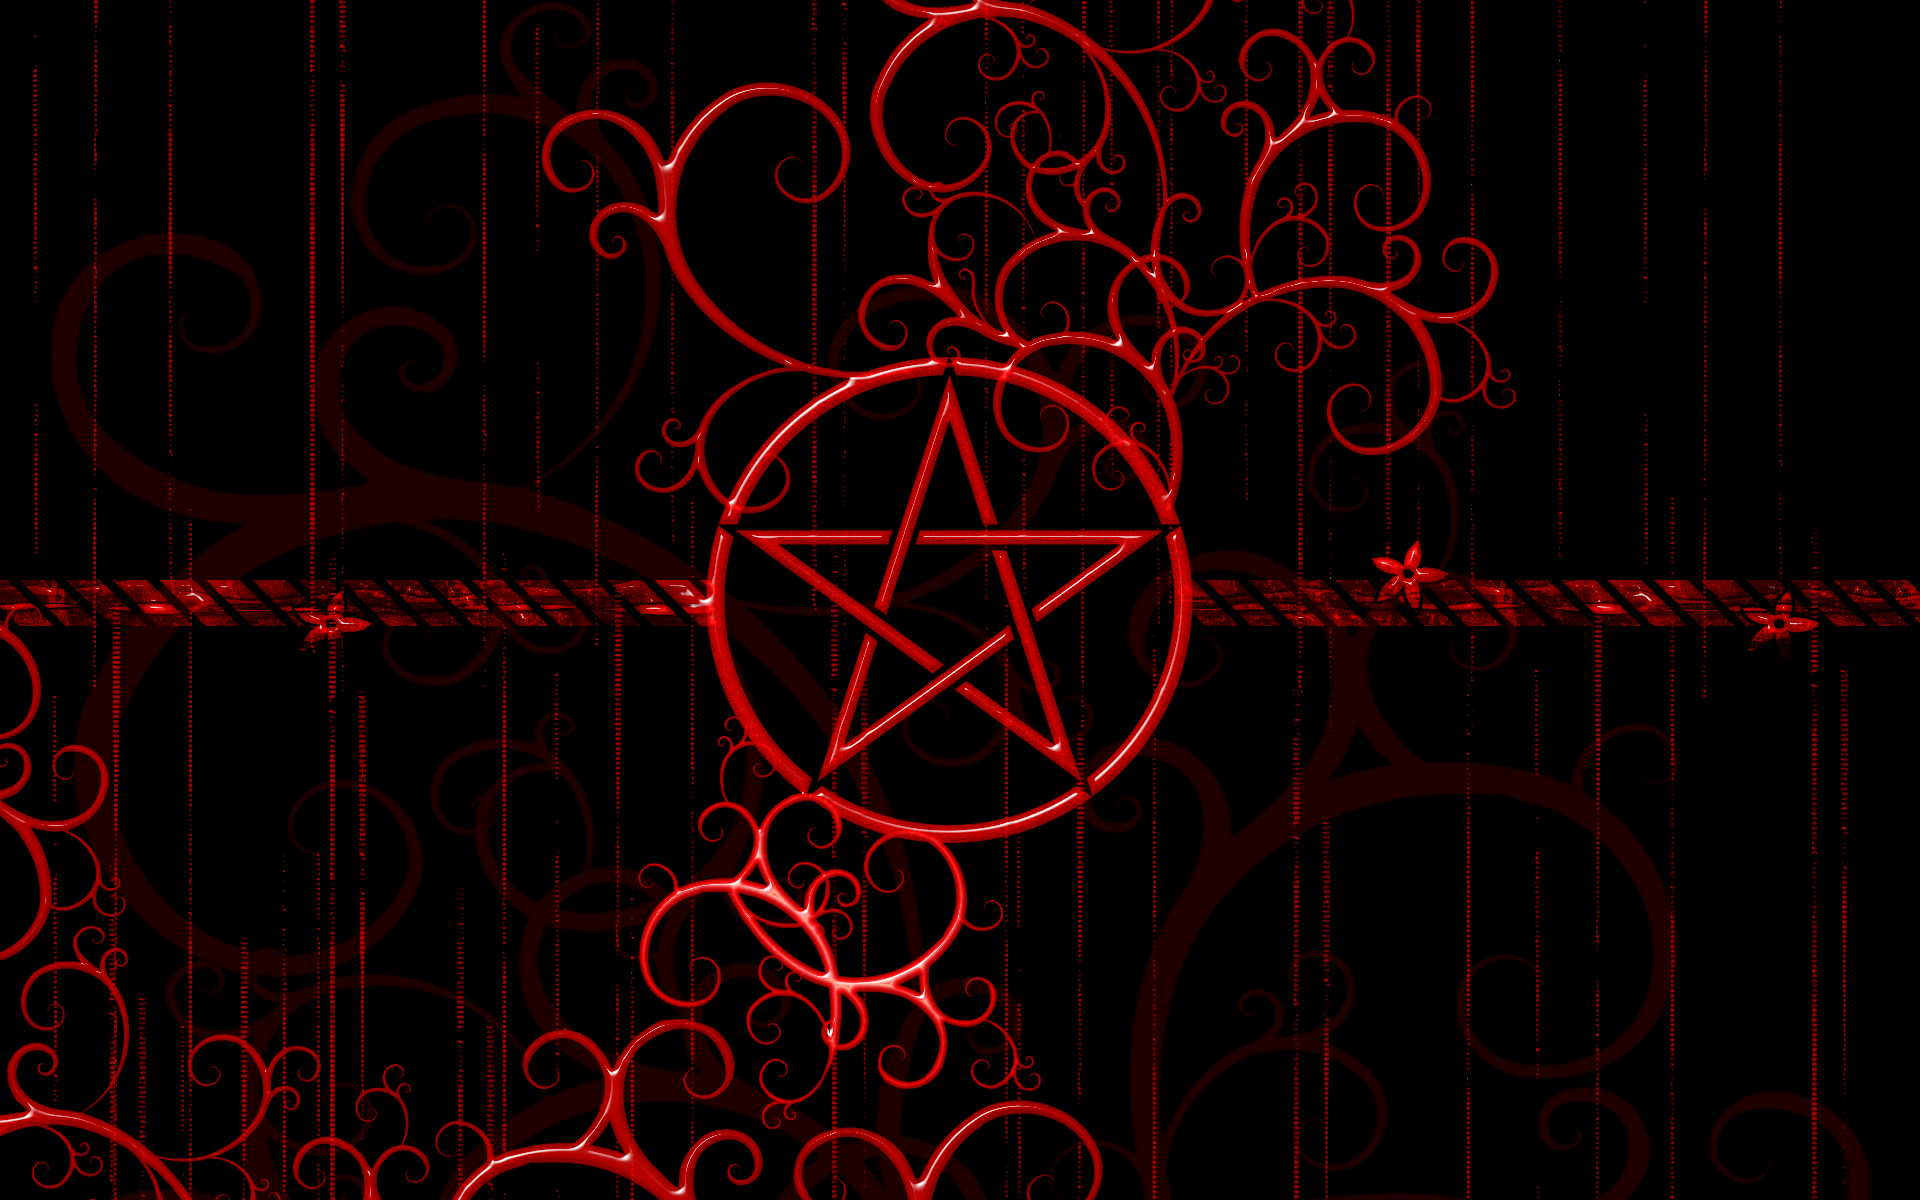 vampire symbol wallpaper hd